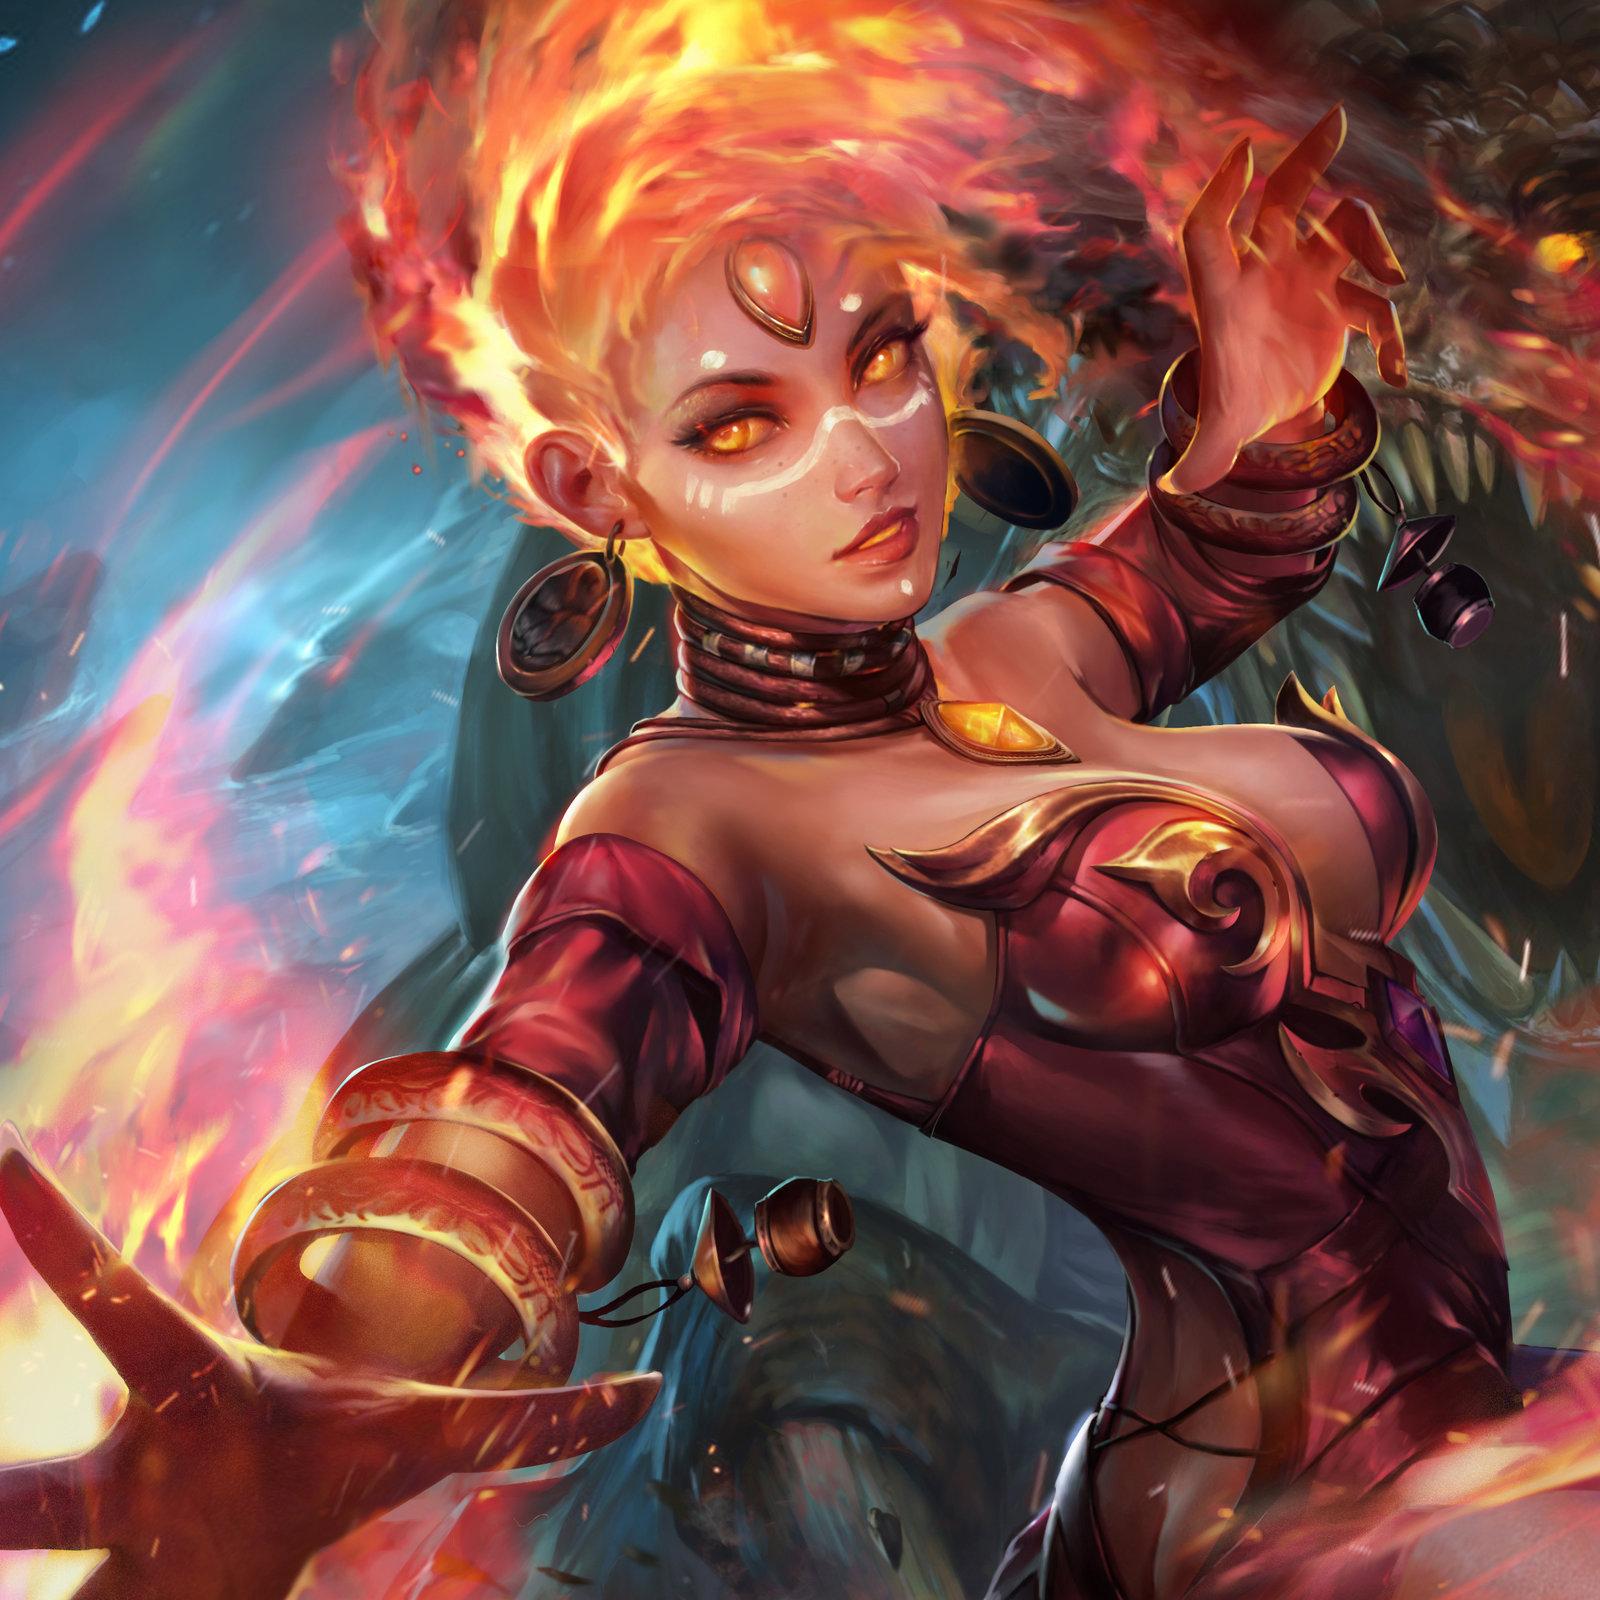 Wallpaper lightning, girl, art, fire, Lina the Slayer, Dota 2 ...